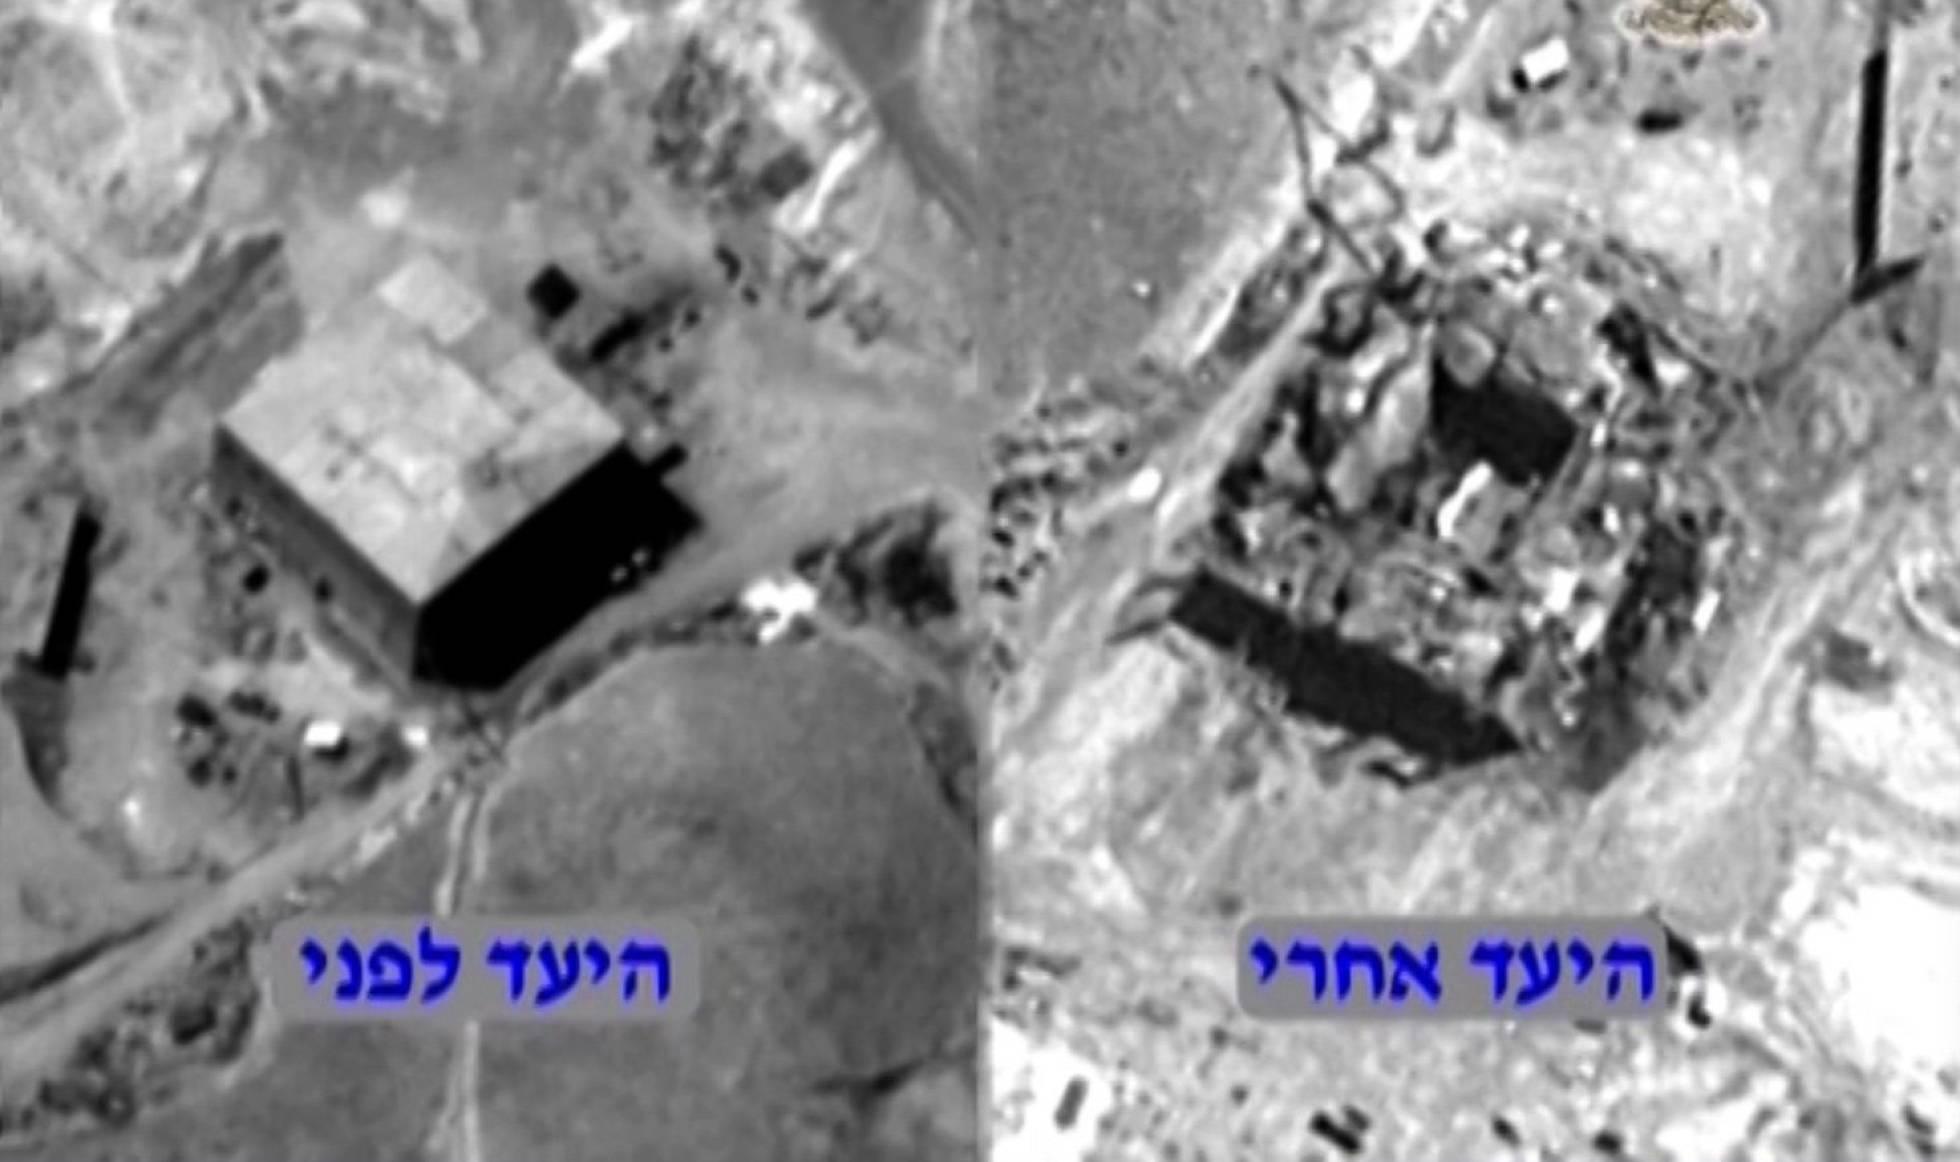 Israel en el conflicto en Siria - Página 11 1521647331_814776_1521651328_noticia_normal_recorte1